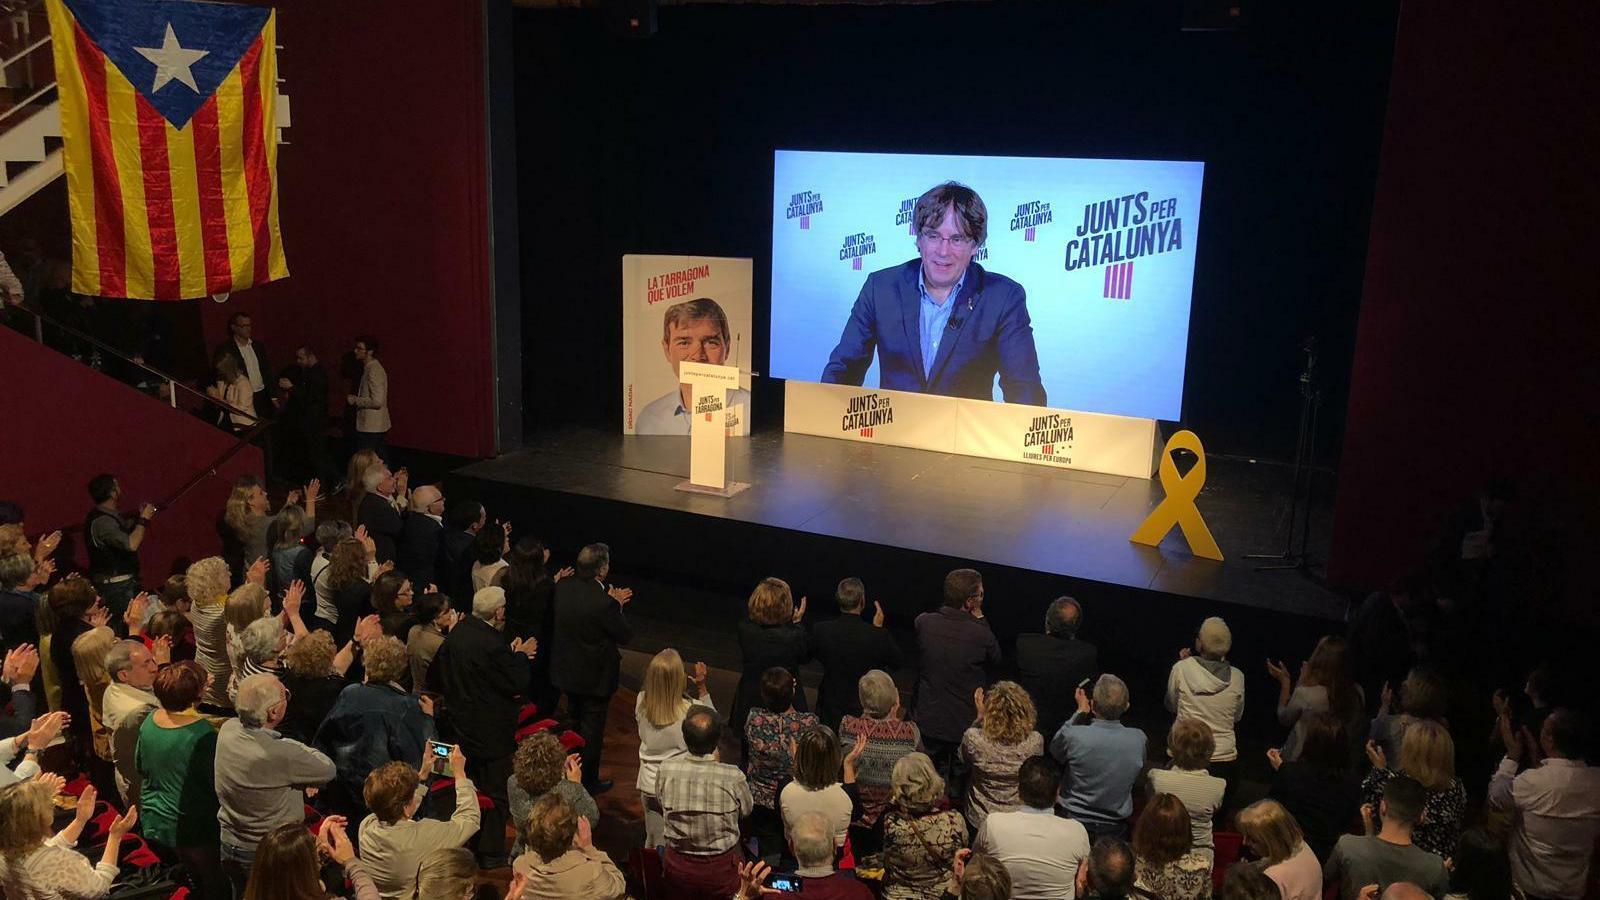 El míting de Junts per Catalunya, amb la imatge del president exiliat en la pantalla